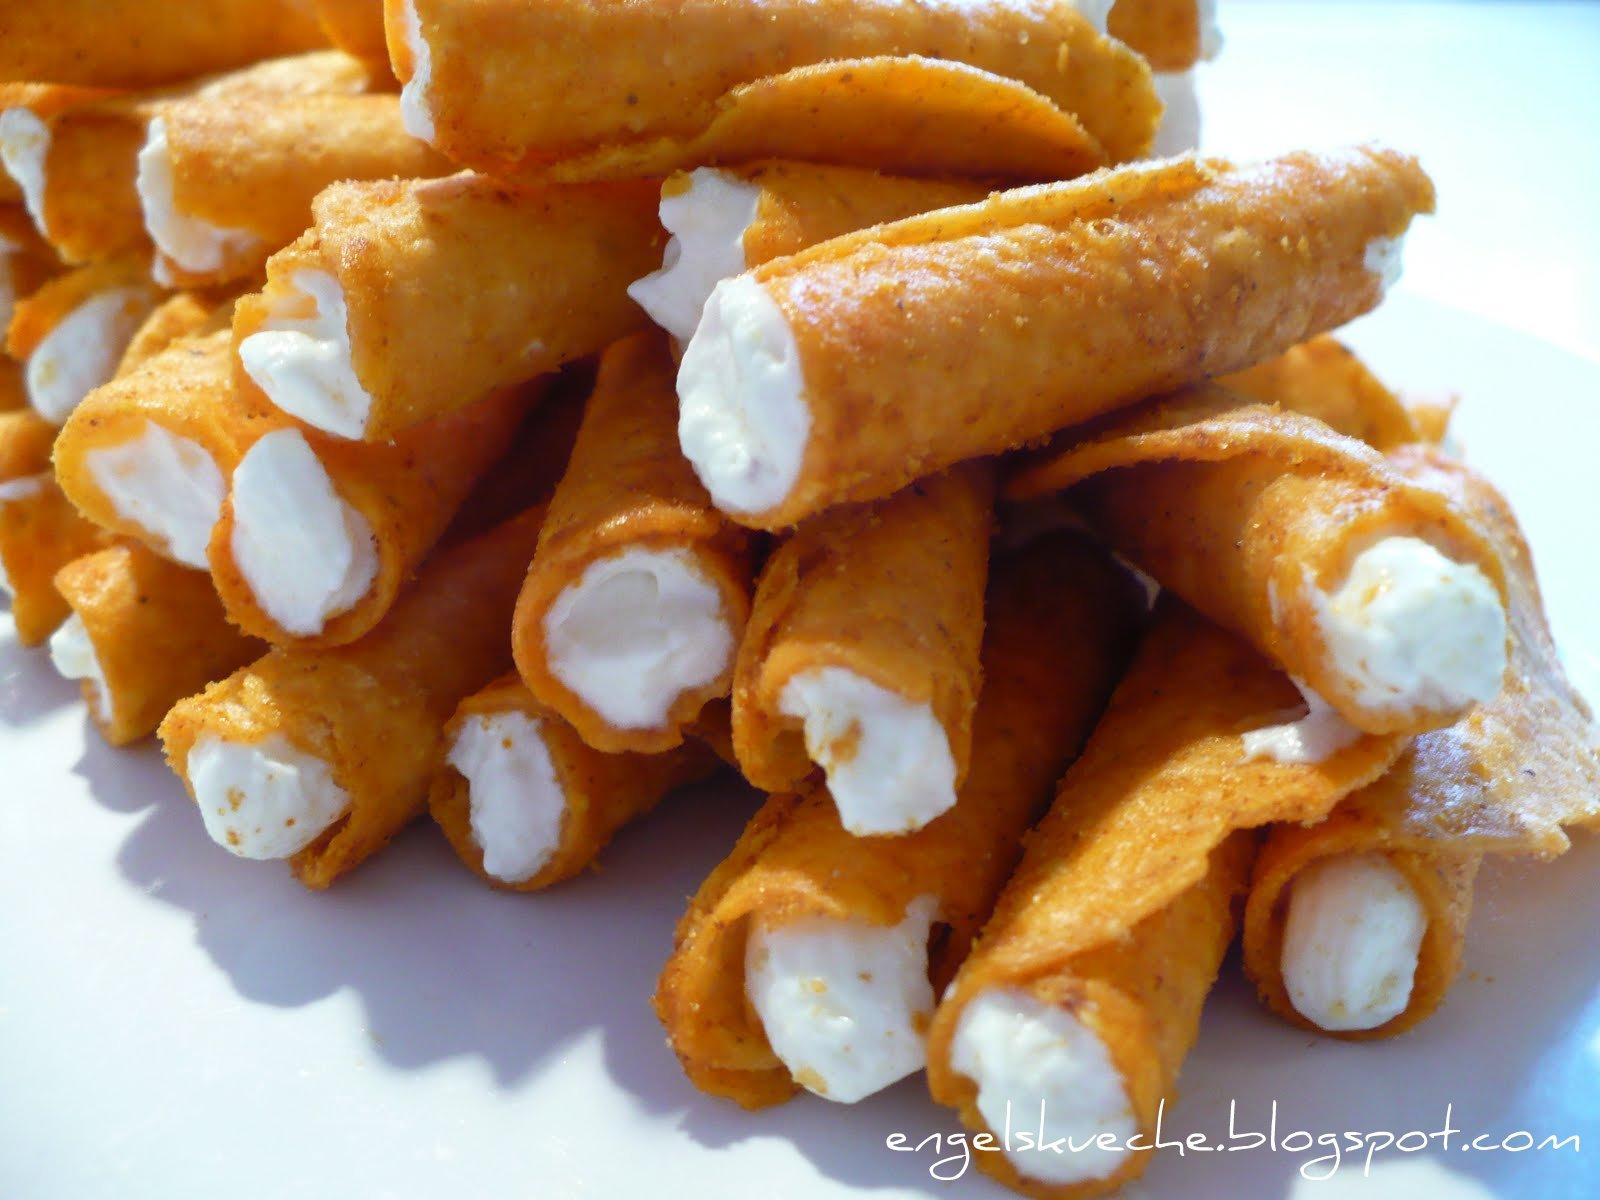 Essen aus Engelchens Kche Tortilla Rolls mit FrischkseDip gefllt